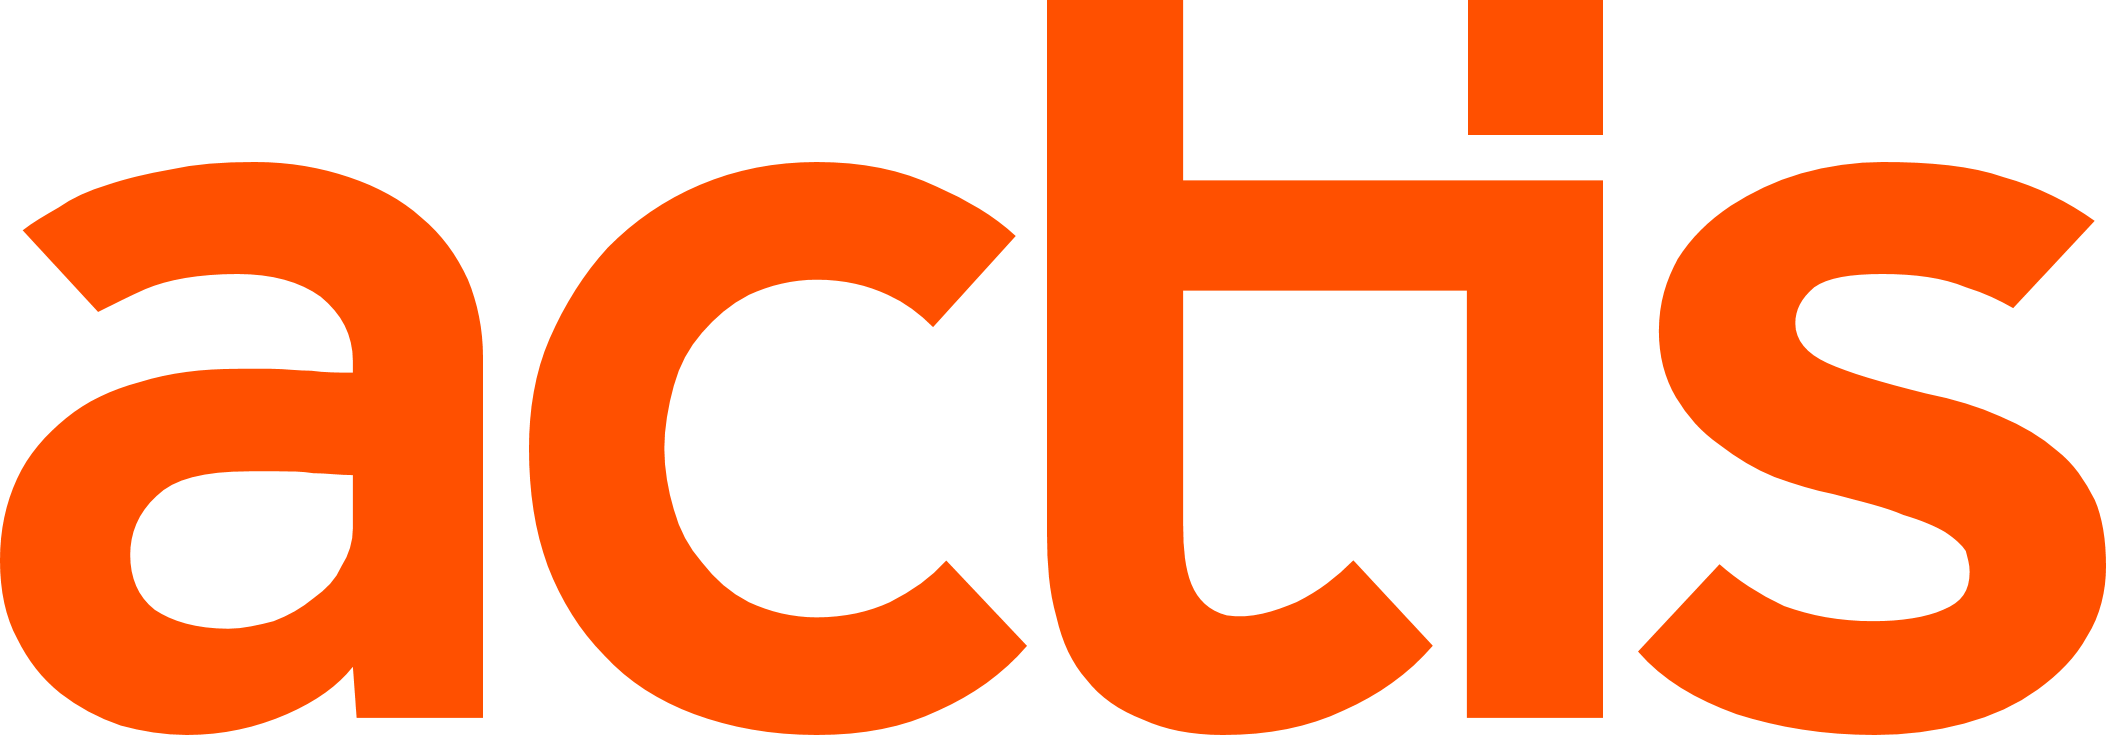 Actis Promotes Abhishek Bansal And Nicolas Escallon to Partner